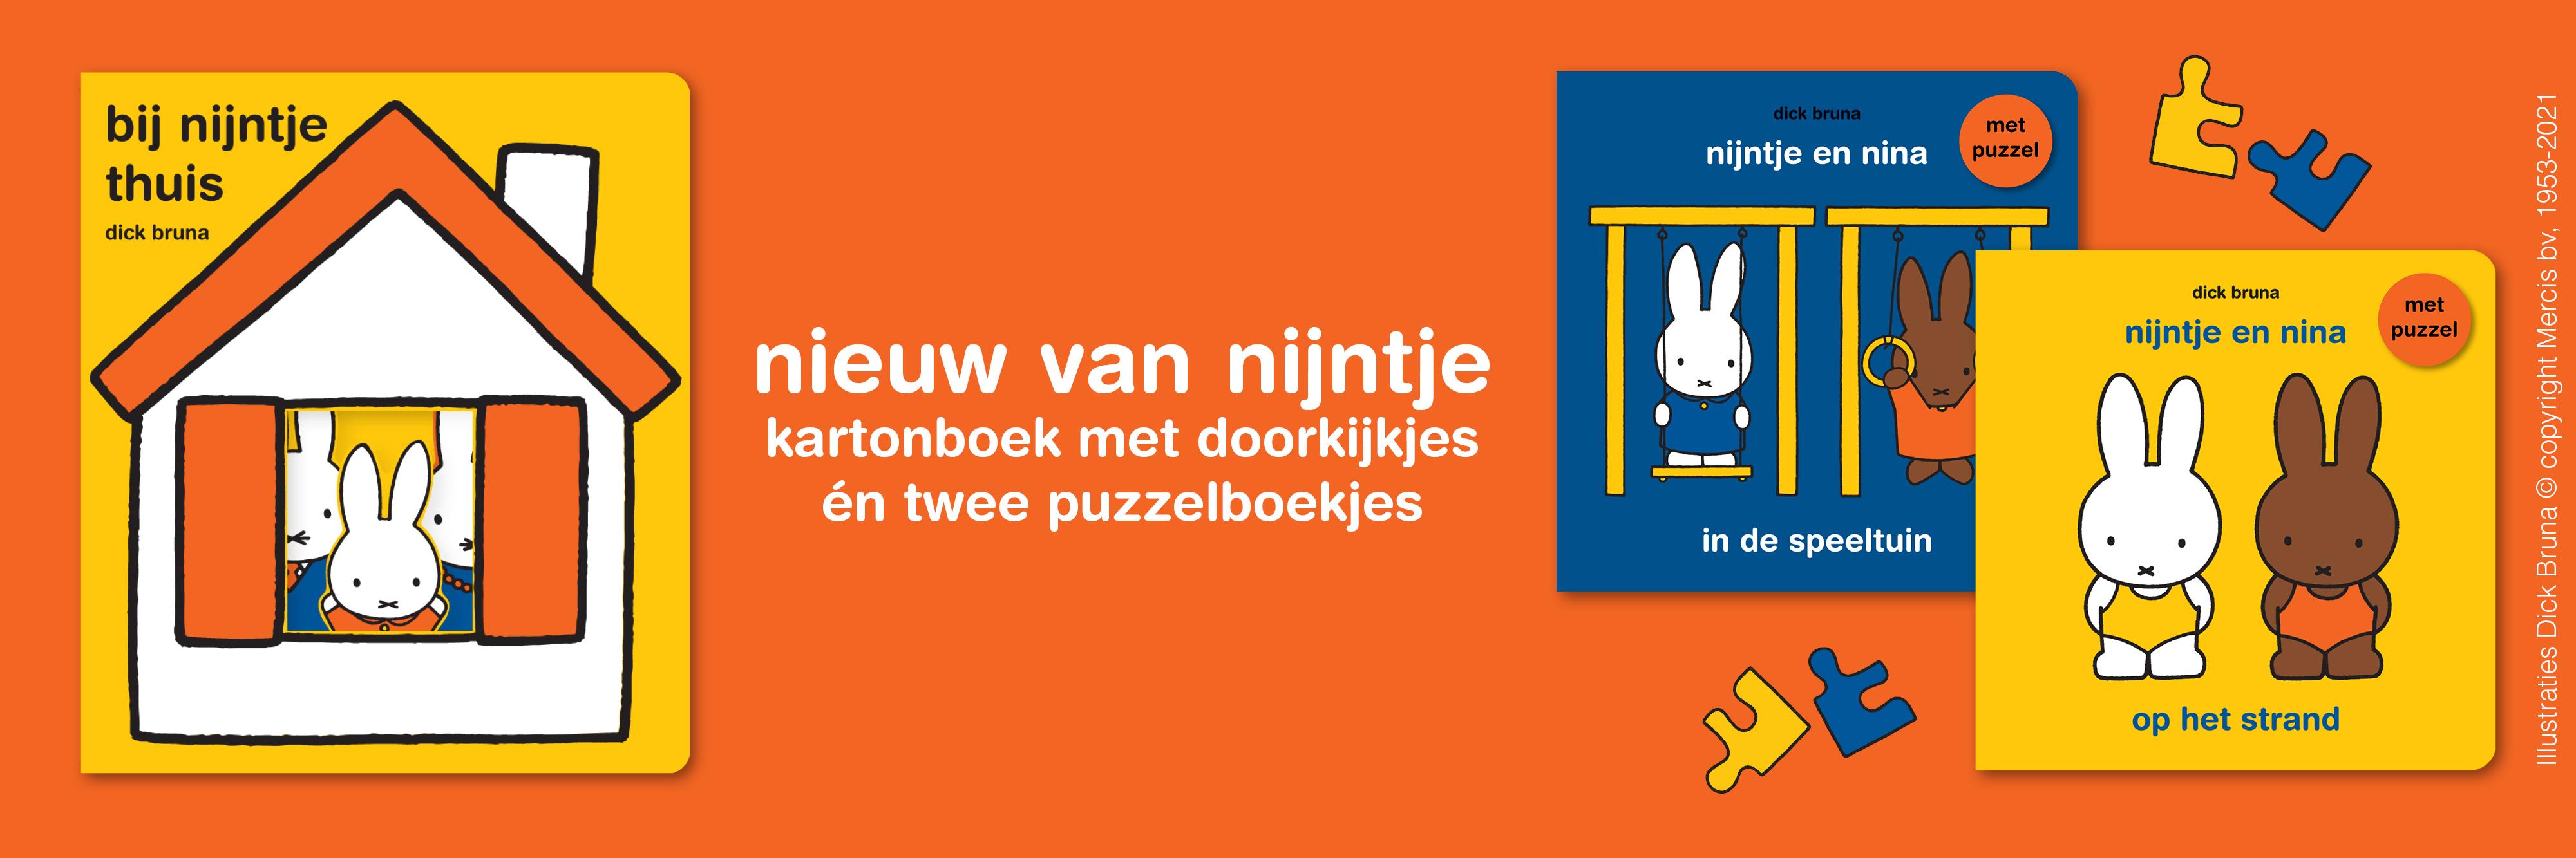 376820 banner puzzelboekjes doorkijkboek cd7973 original 1611219224